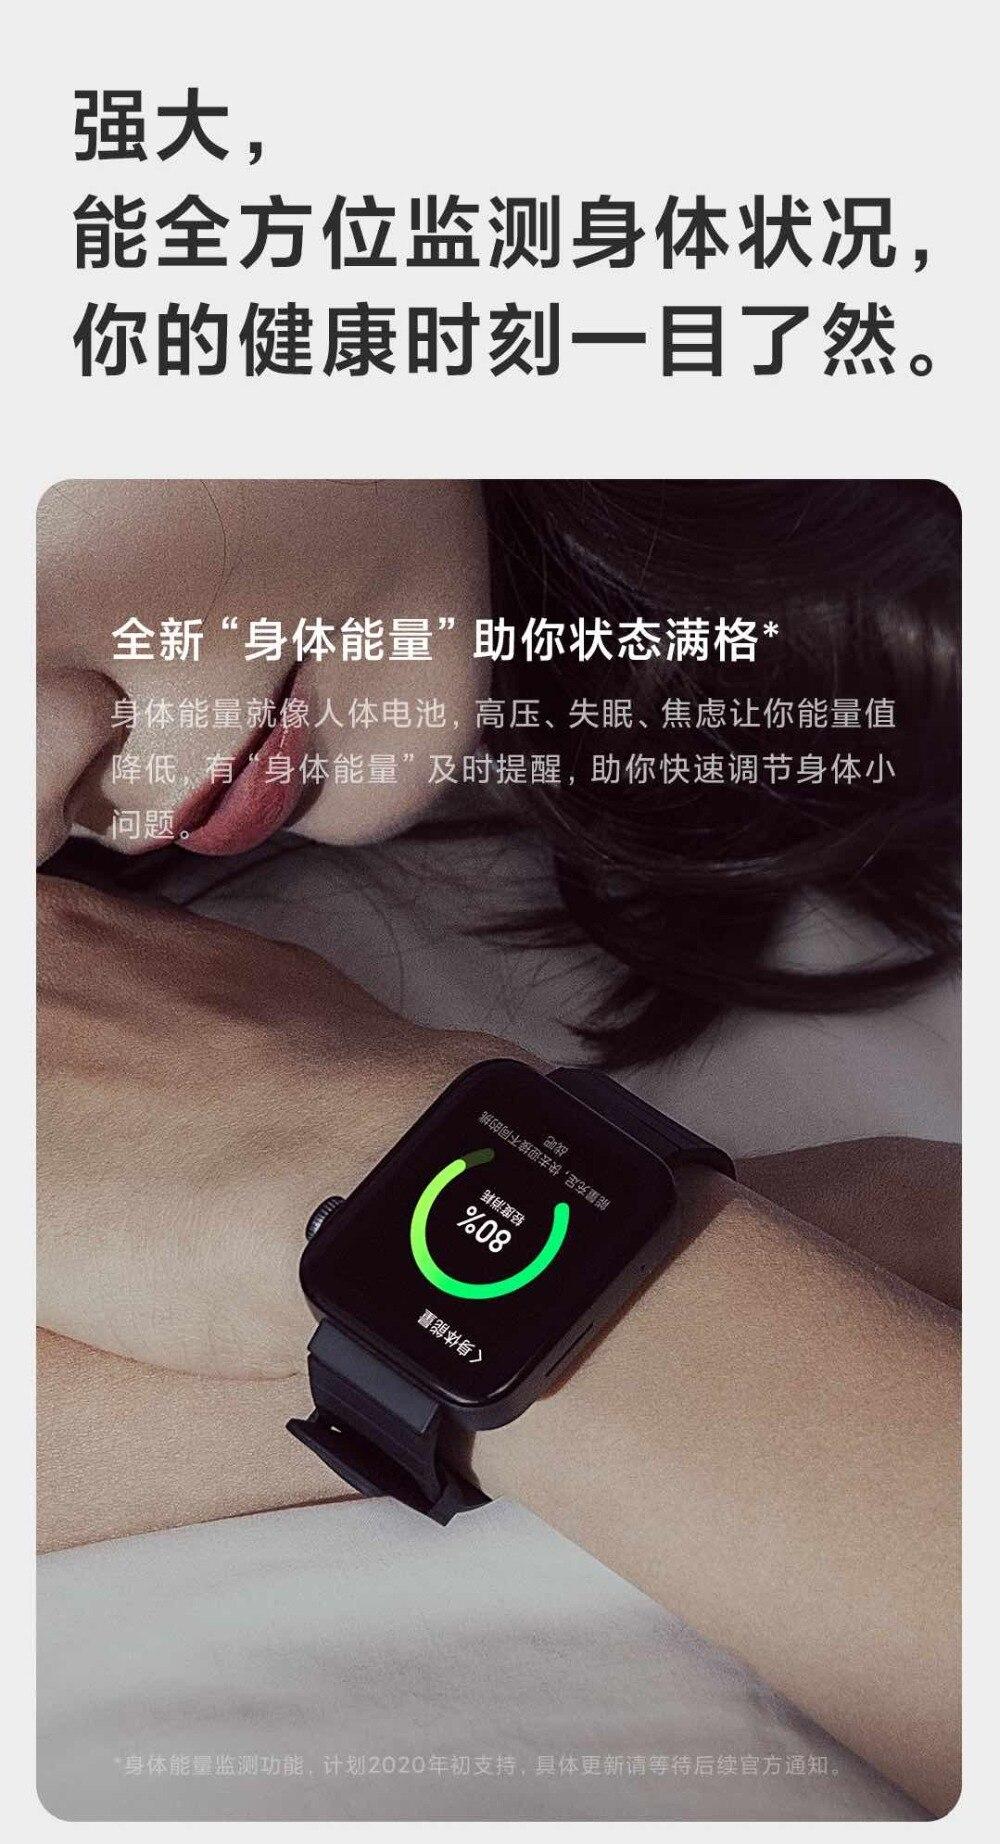 Newest Xiaomi Watch (16)